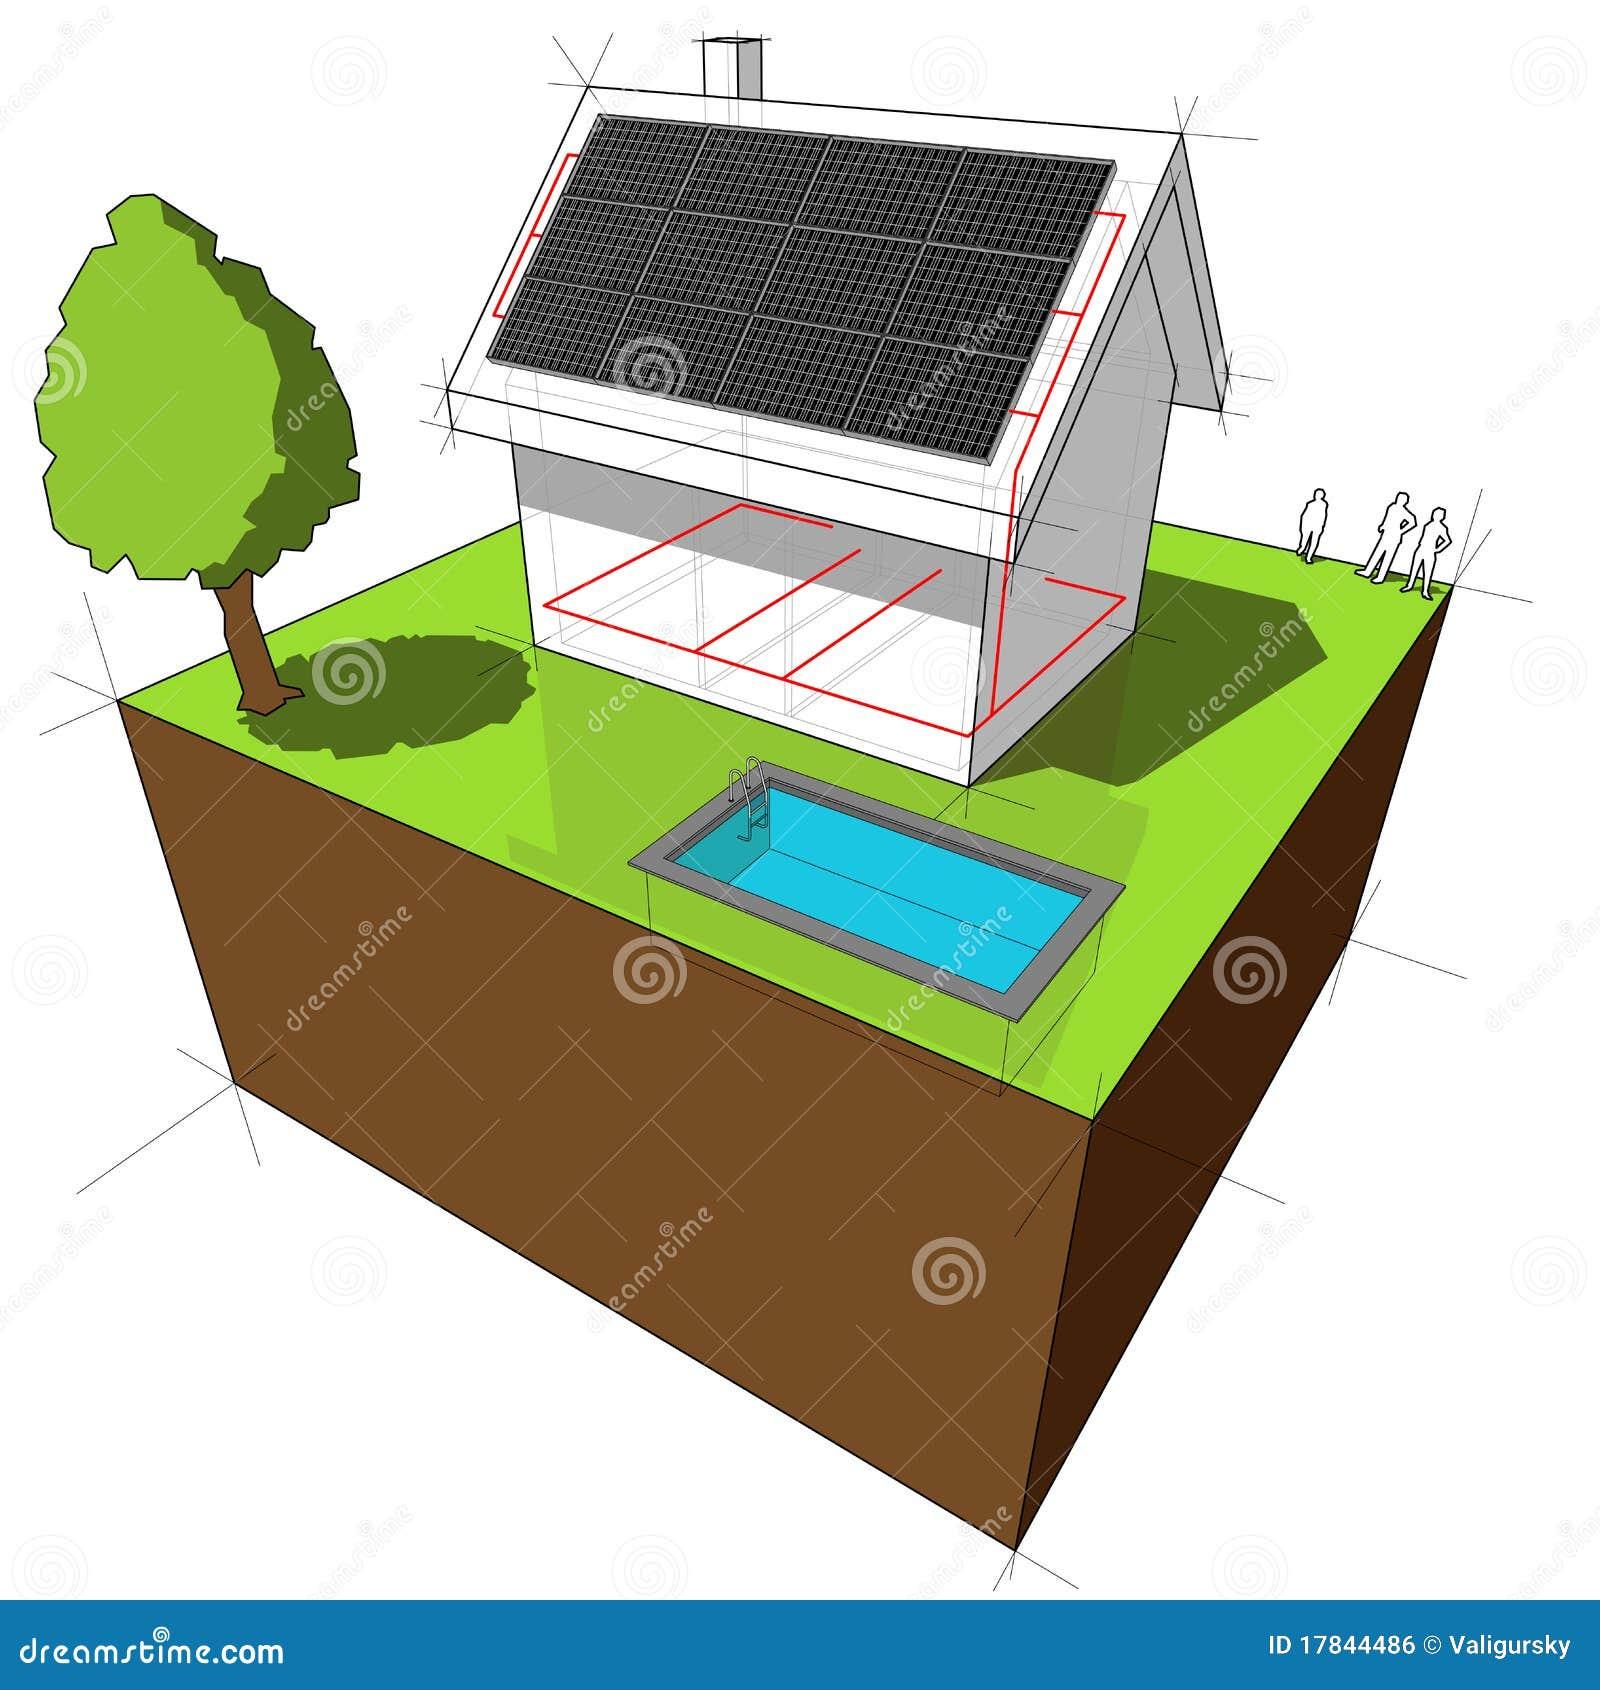 Casa con los paneles solares en la azotea for La azotea de la casa de granada